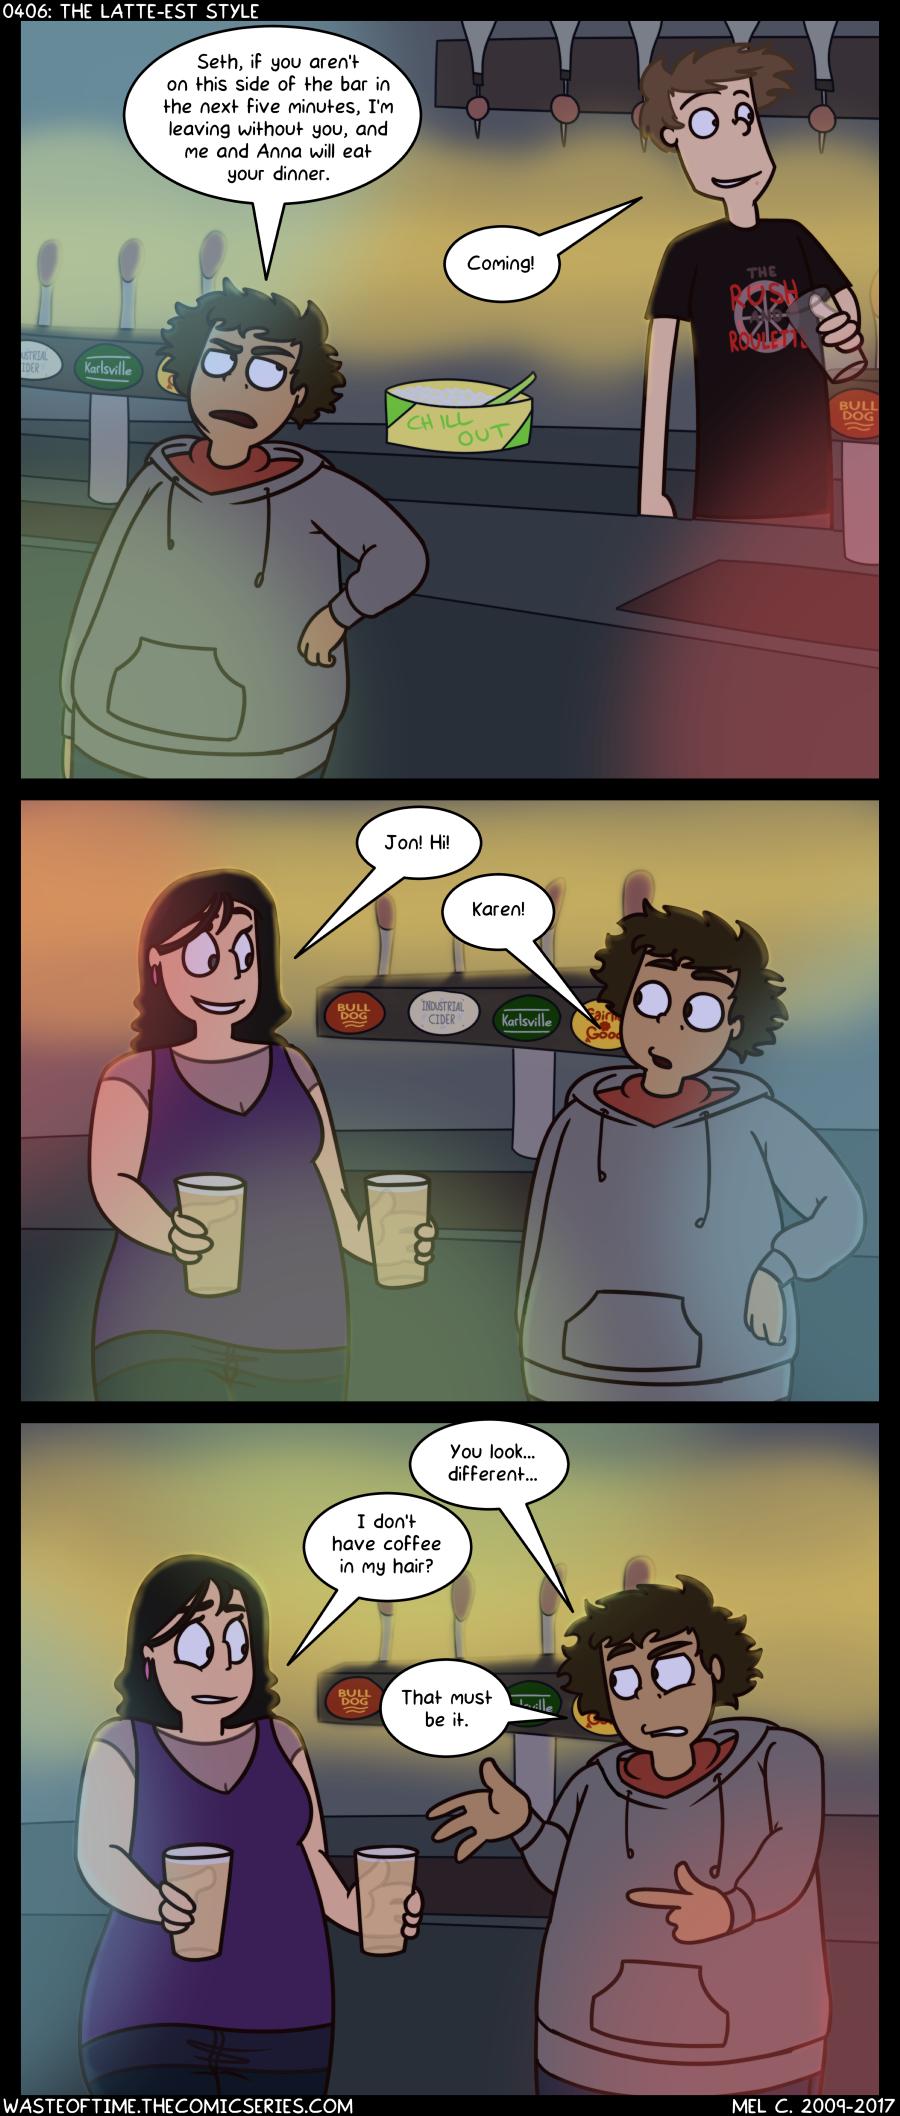 0406: The Latte-est Style